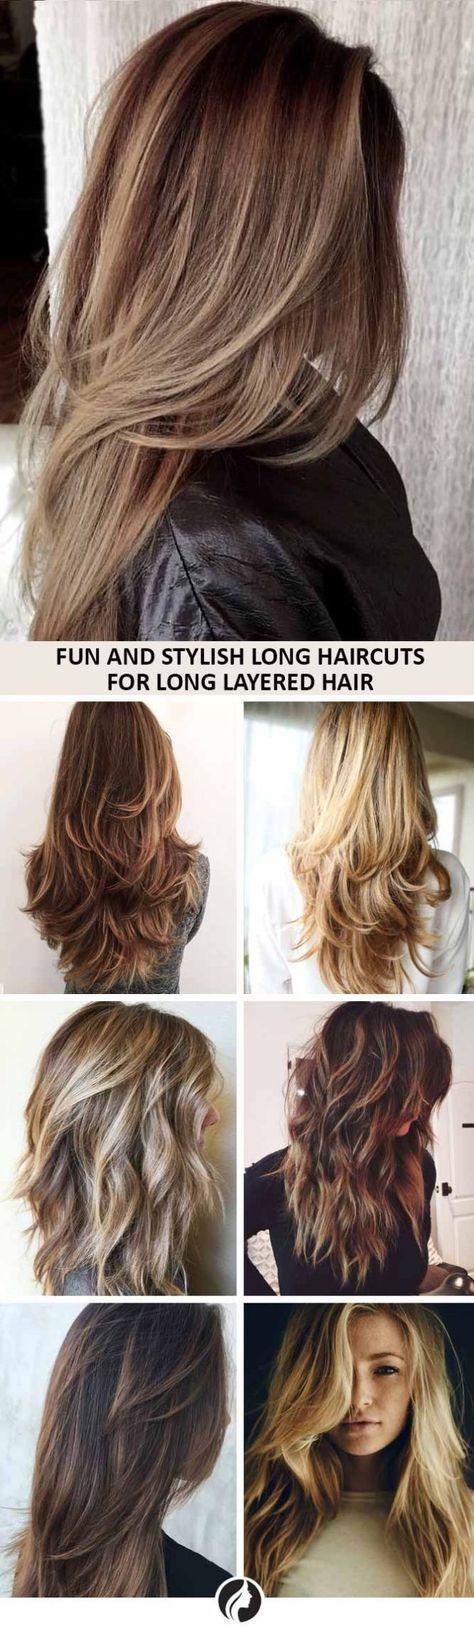 33+ Coiffure femme cheveux long le dernier